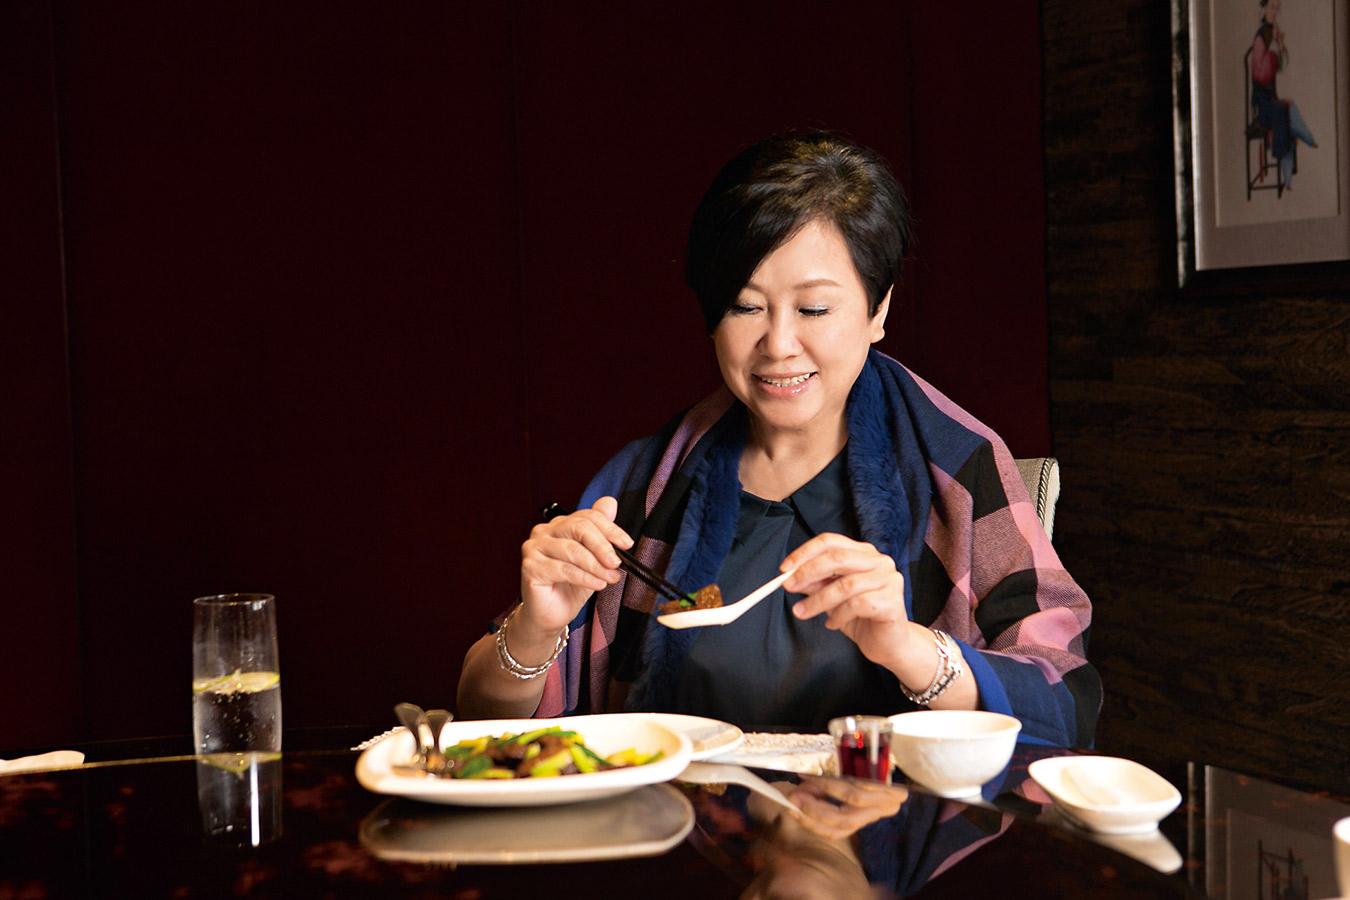 最重視口感的美食家 余湘